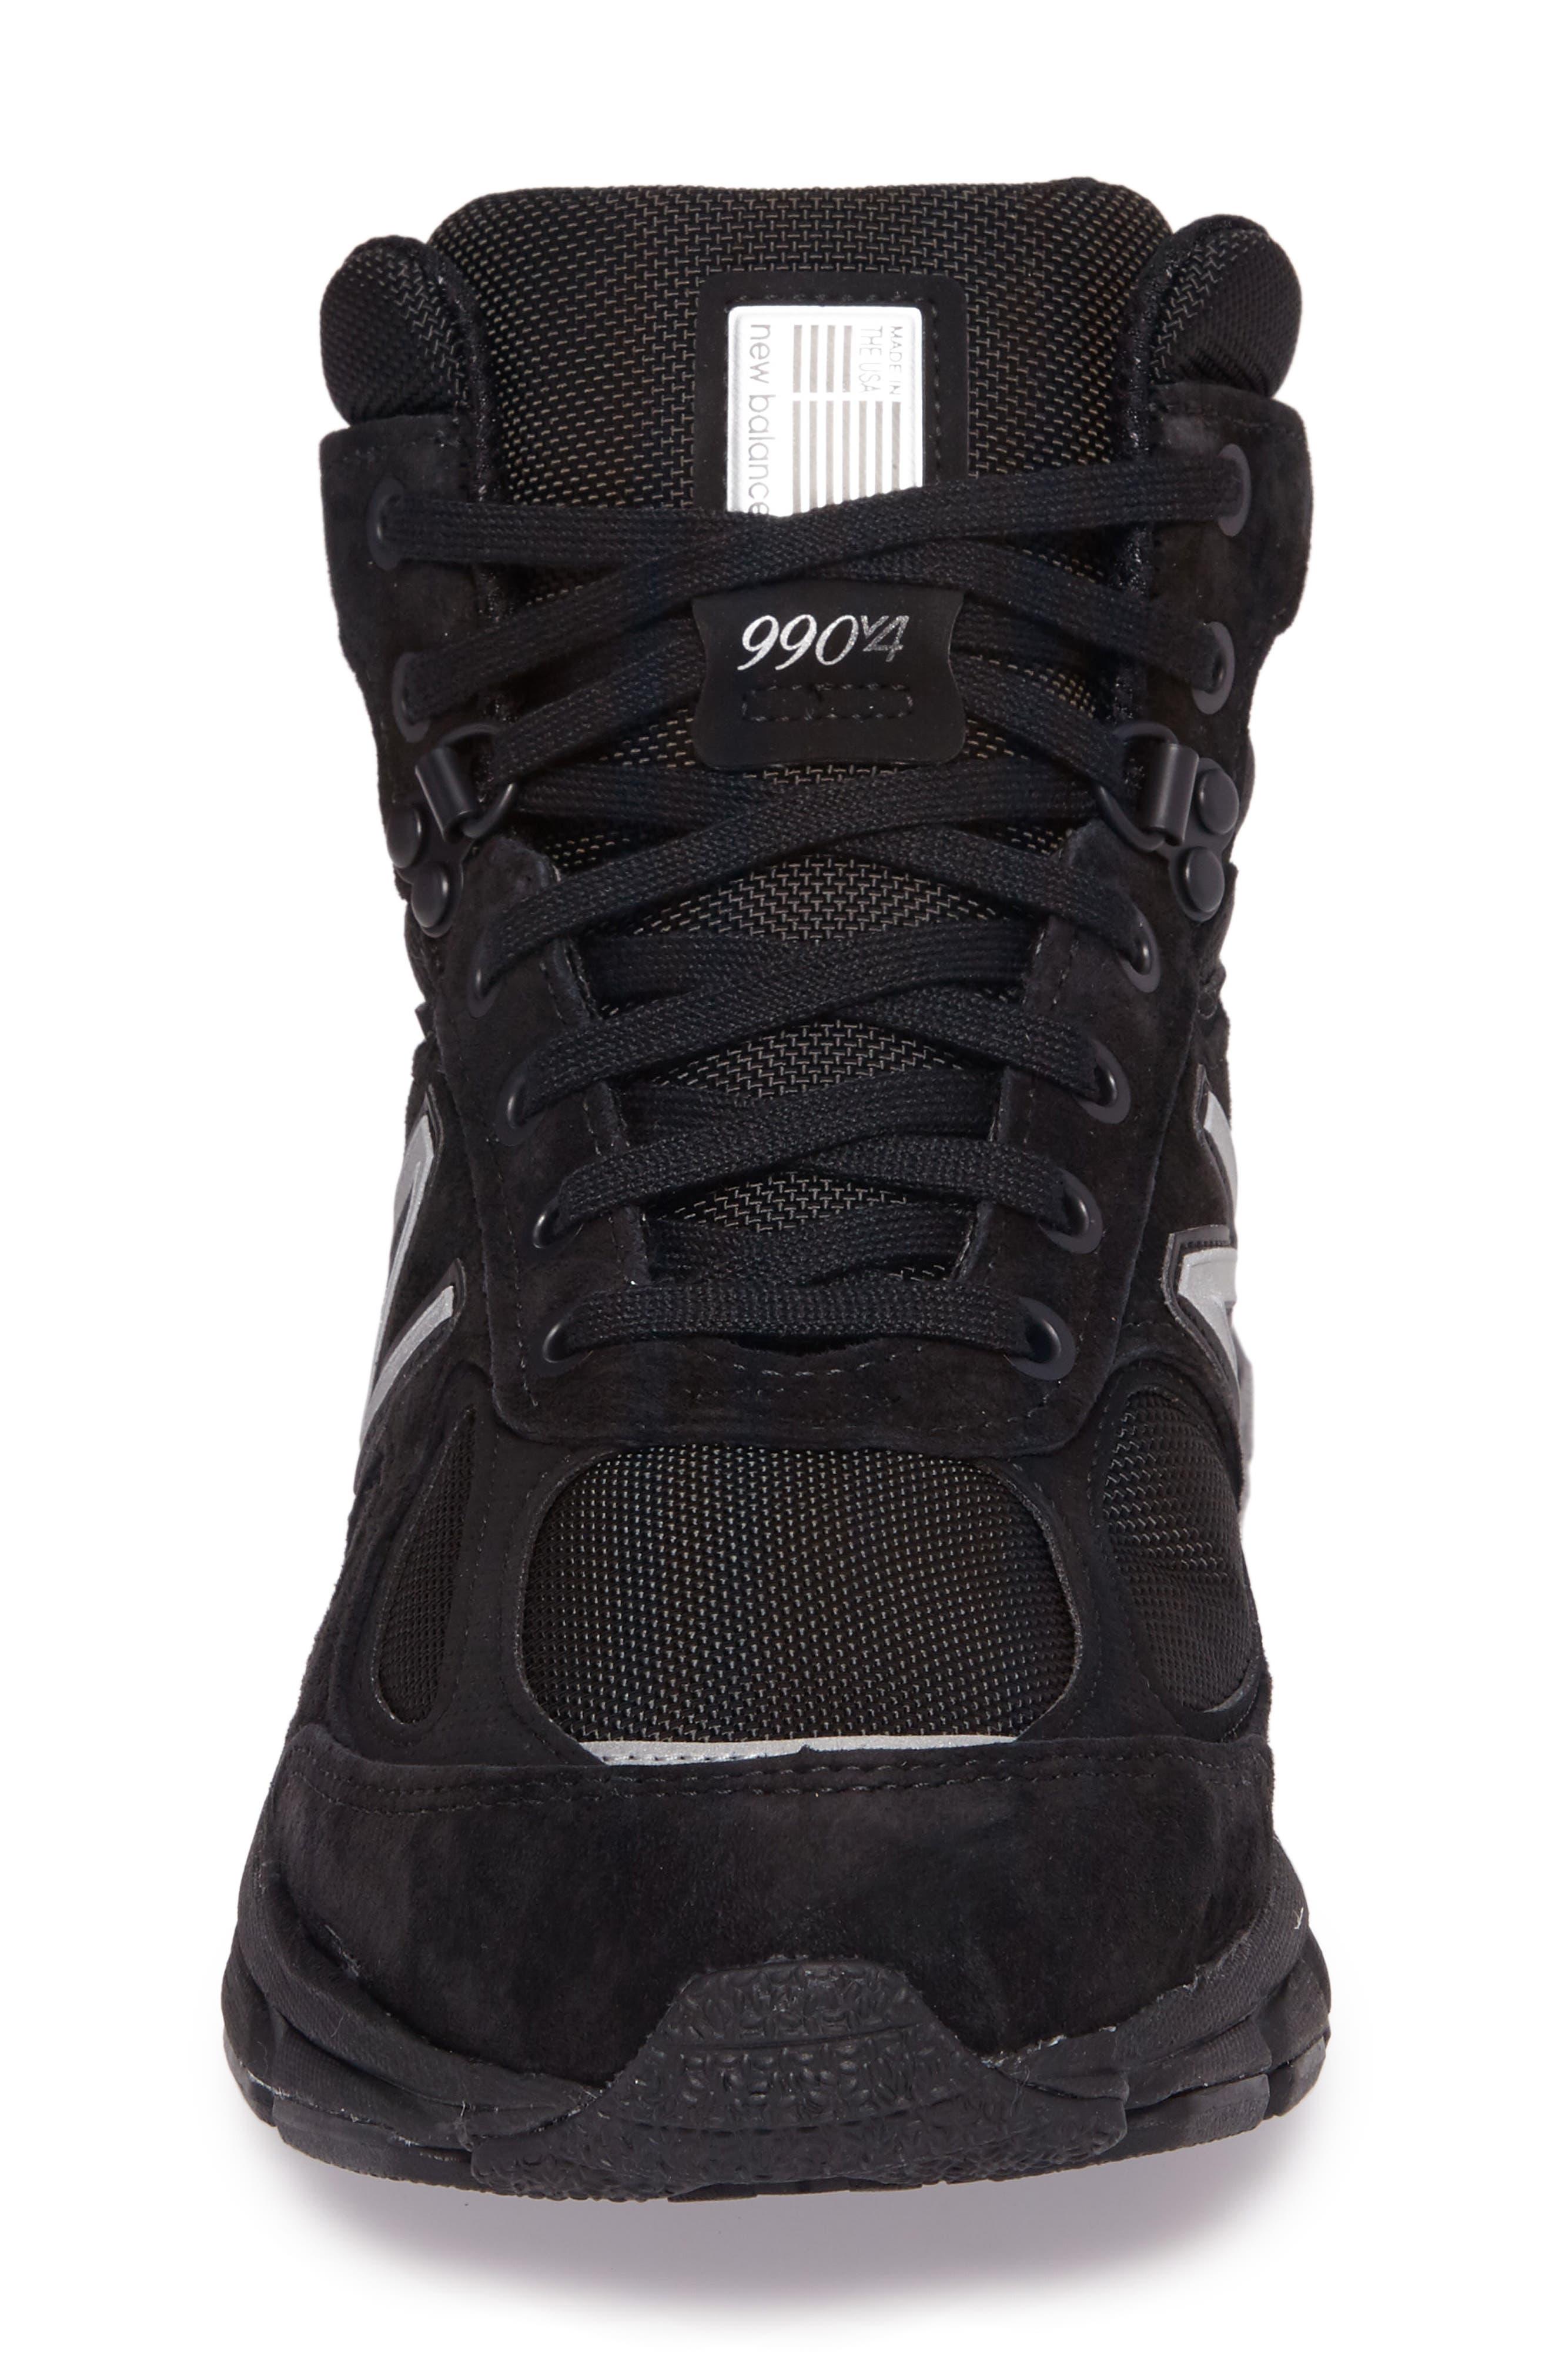 Alternate Image 4  - New Balance 990v4 Water Resistant Sneaker Boot (Men)